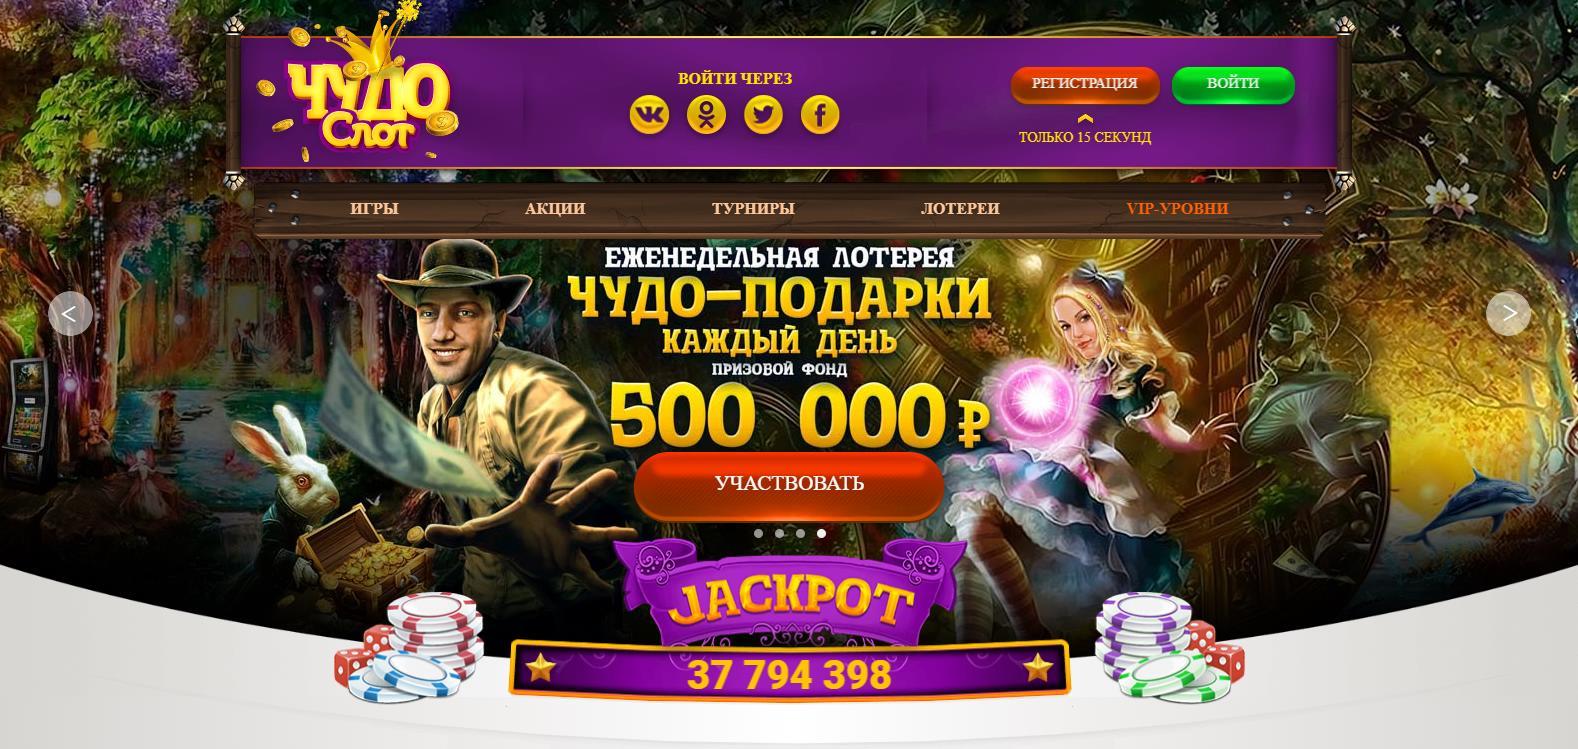 чудо слот казино официальный сайт